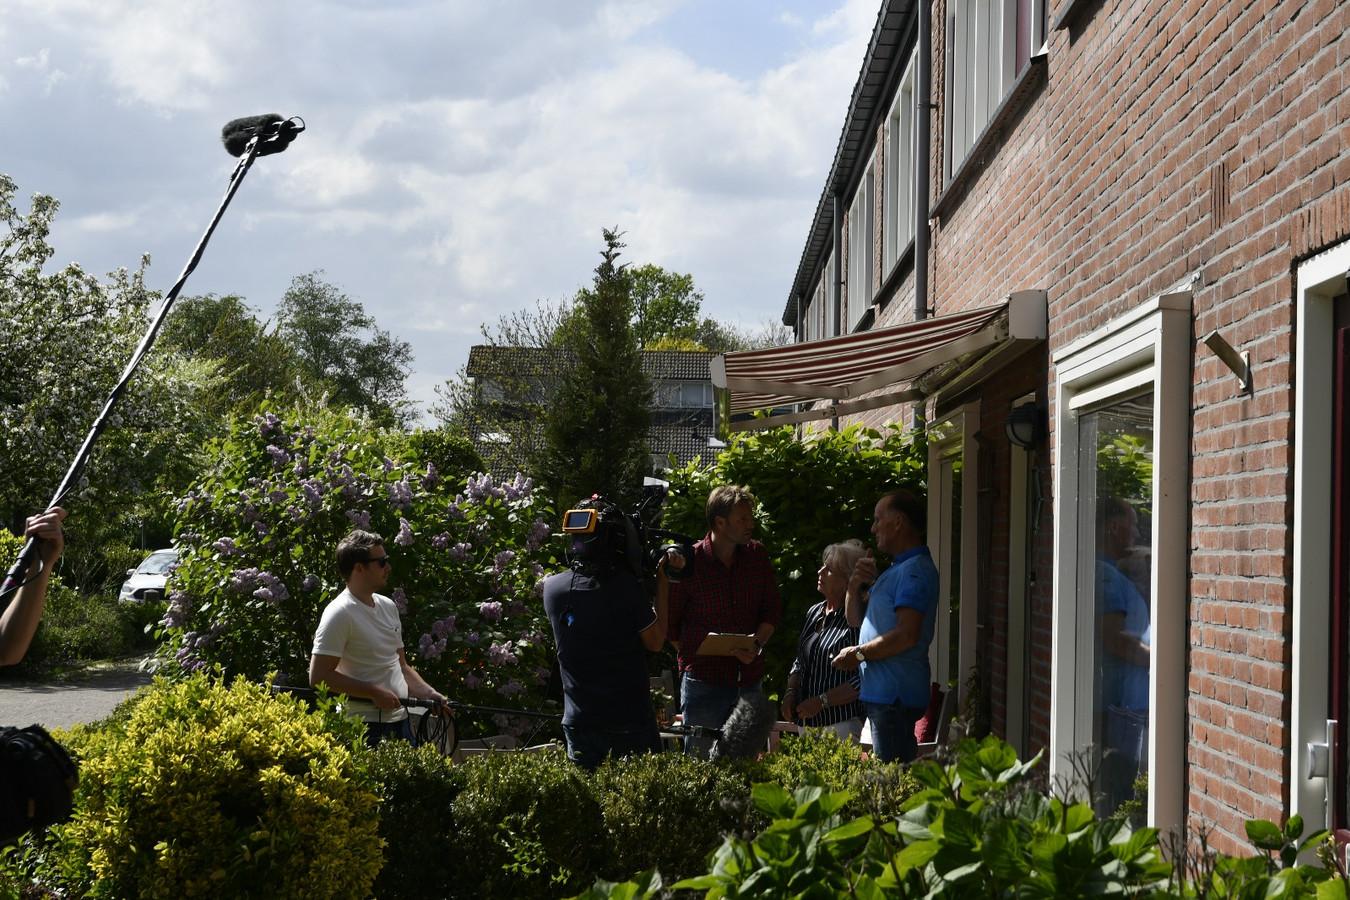 Het programma Mr. Frank Visser bezoekt de Begoniastraat in Roelofarendsveen.